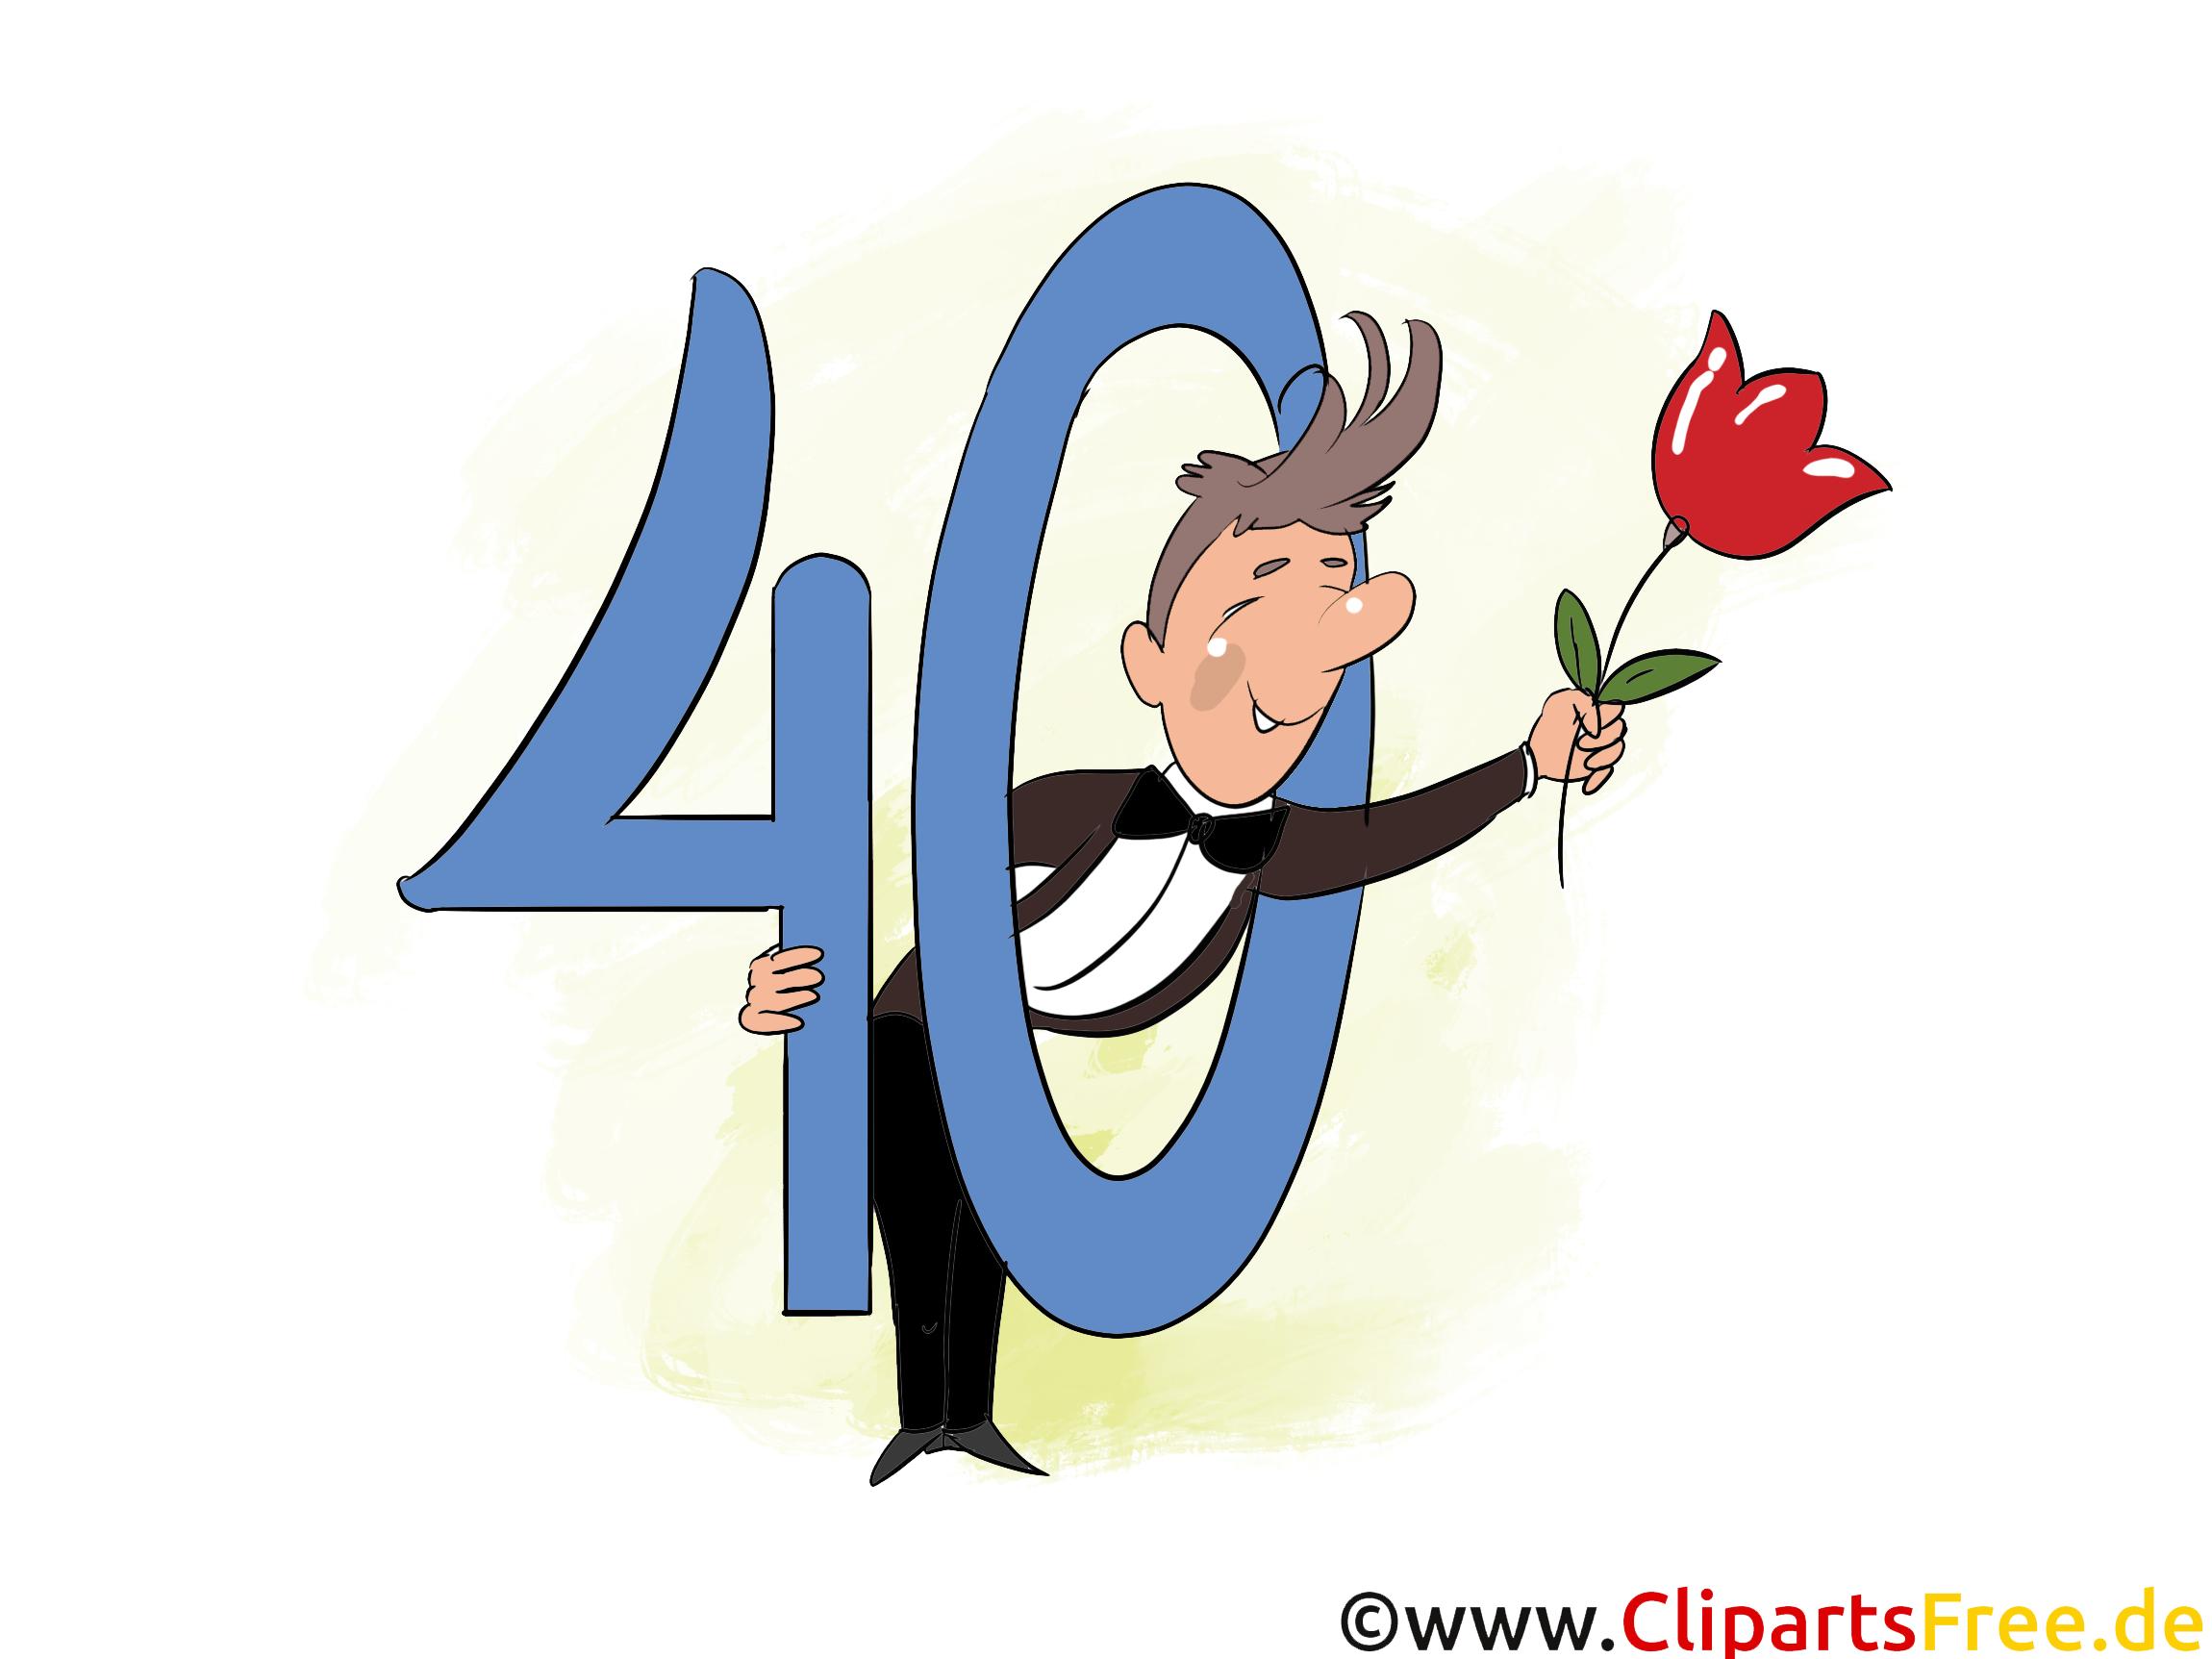 Anniversaire 40 ans image t l charger gratuite anniversaire dessin picture image graphic - Clipart anniversaire gratuit telecharger ...